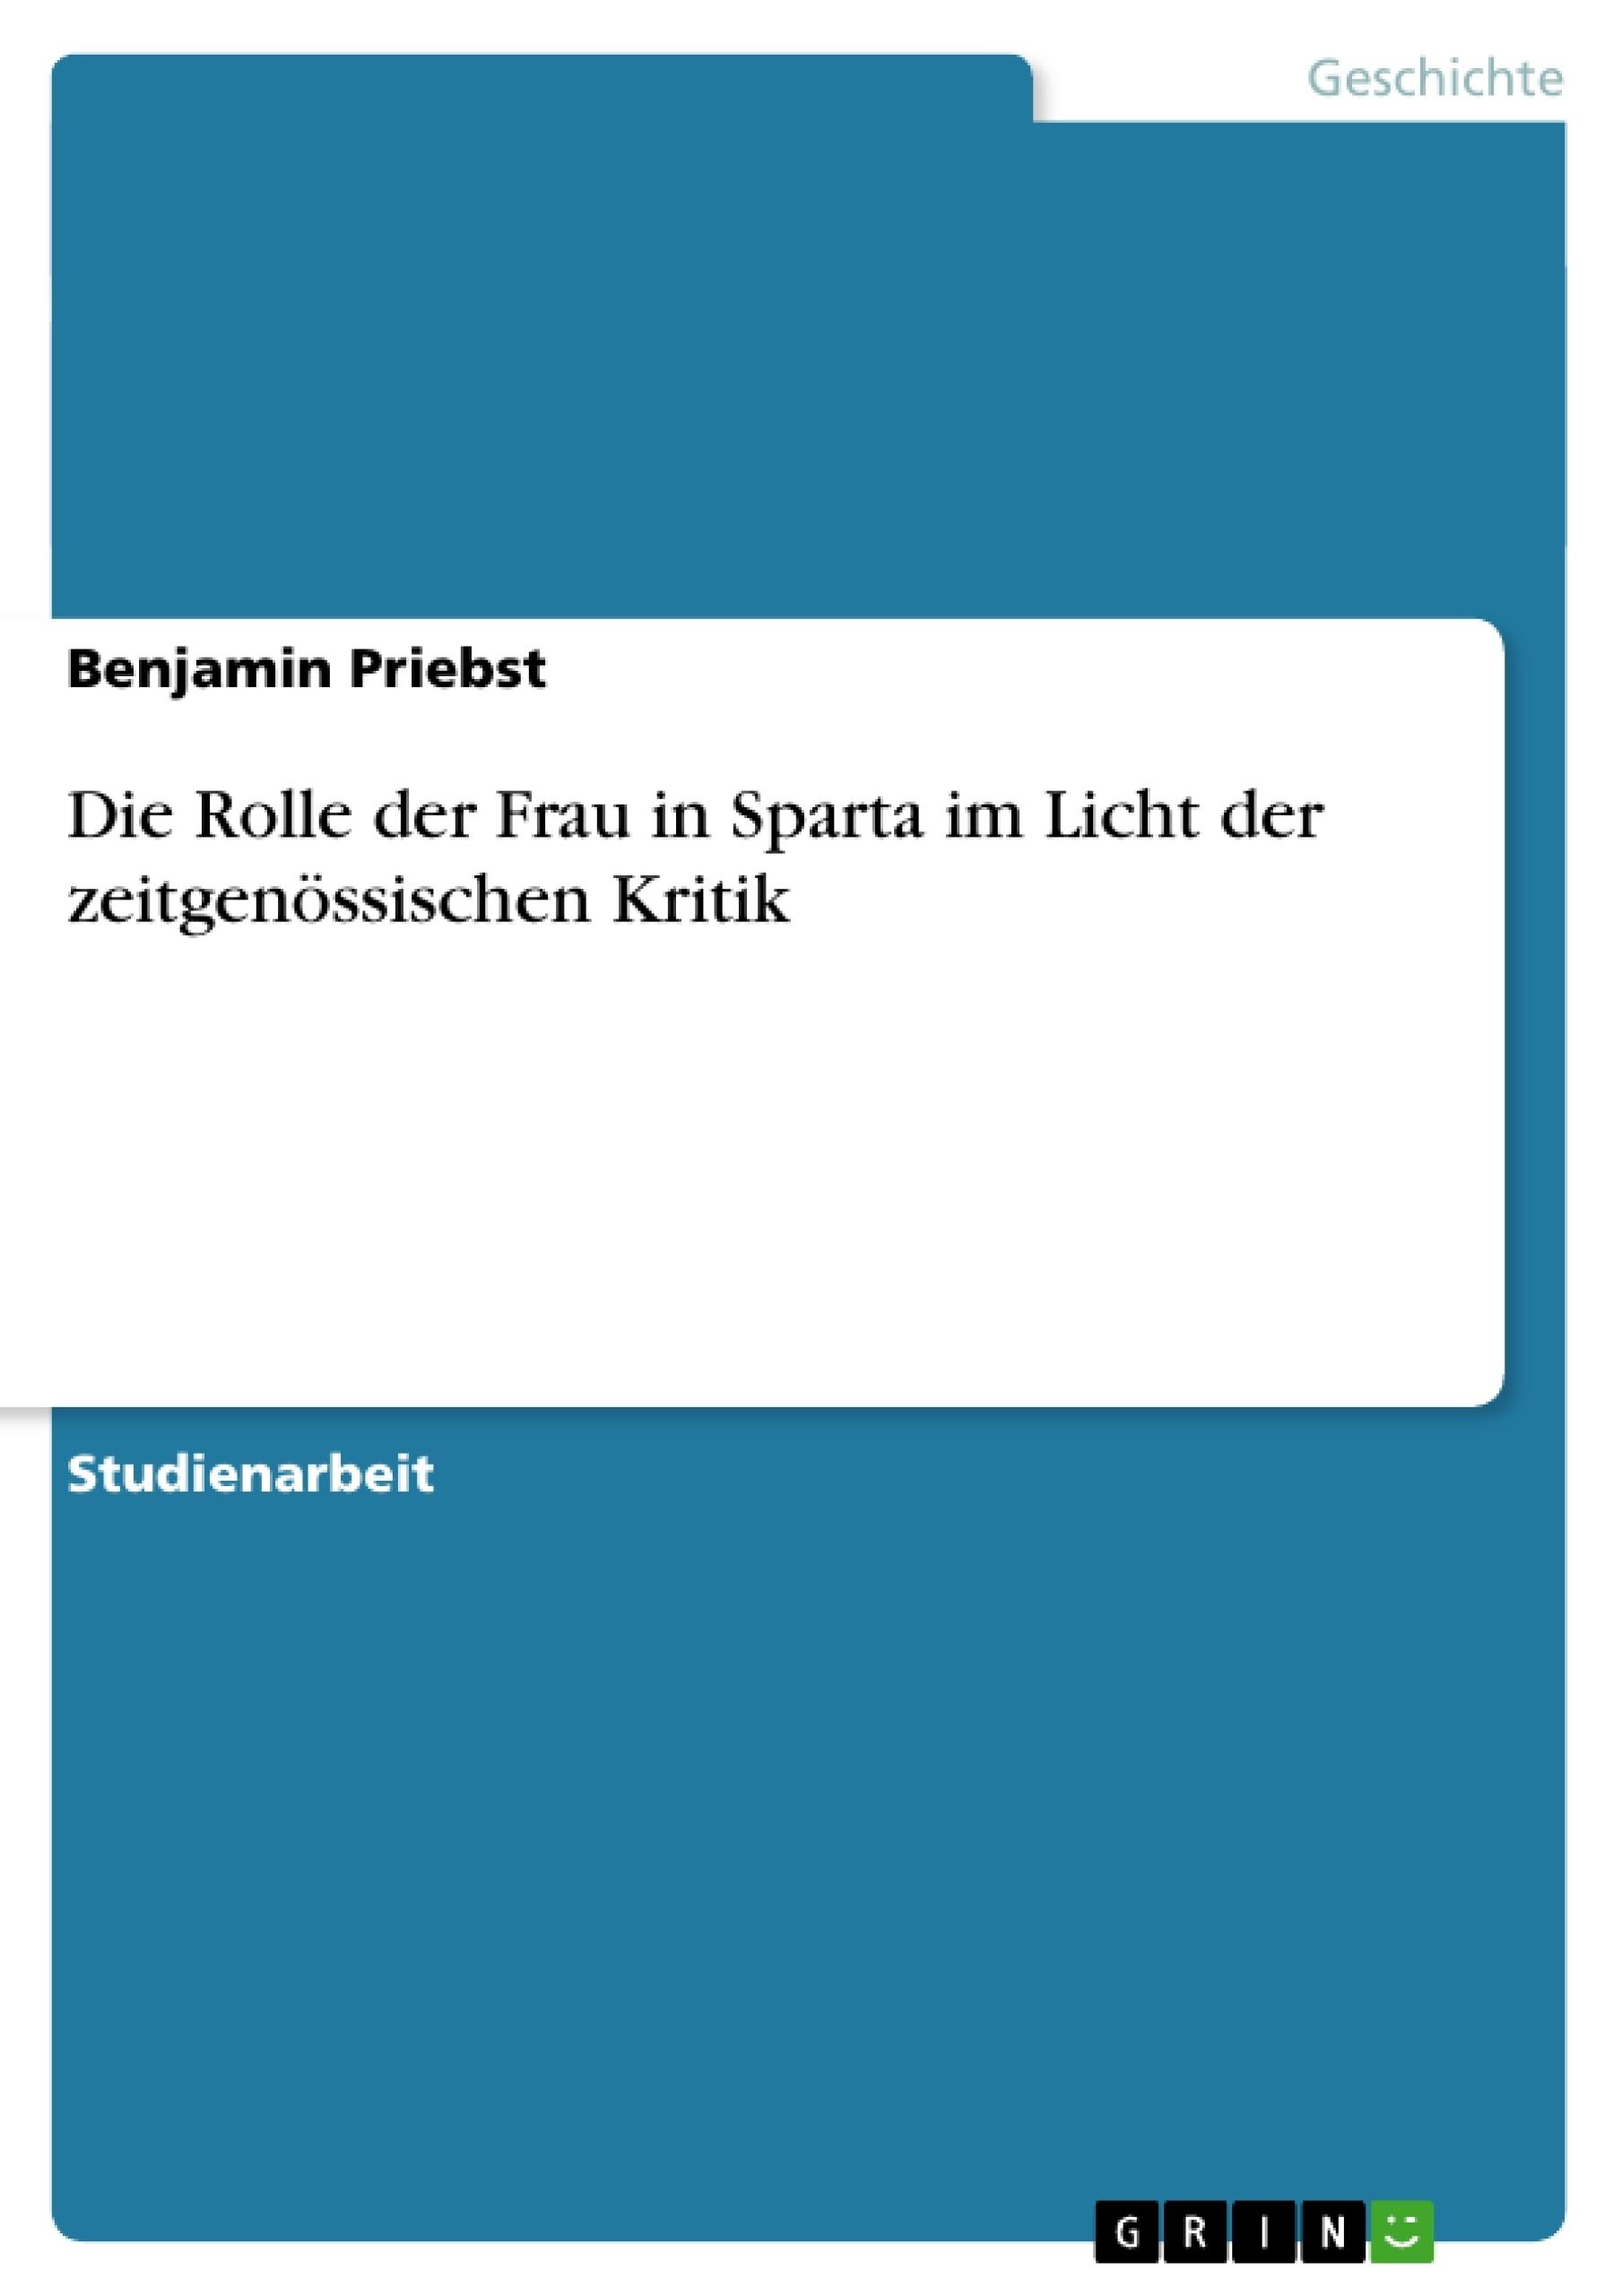 Titel: Die Rolle der Frau in Sparta im Licht der zeitgenössischen Kritik